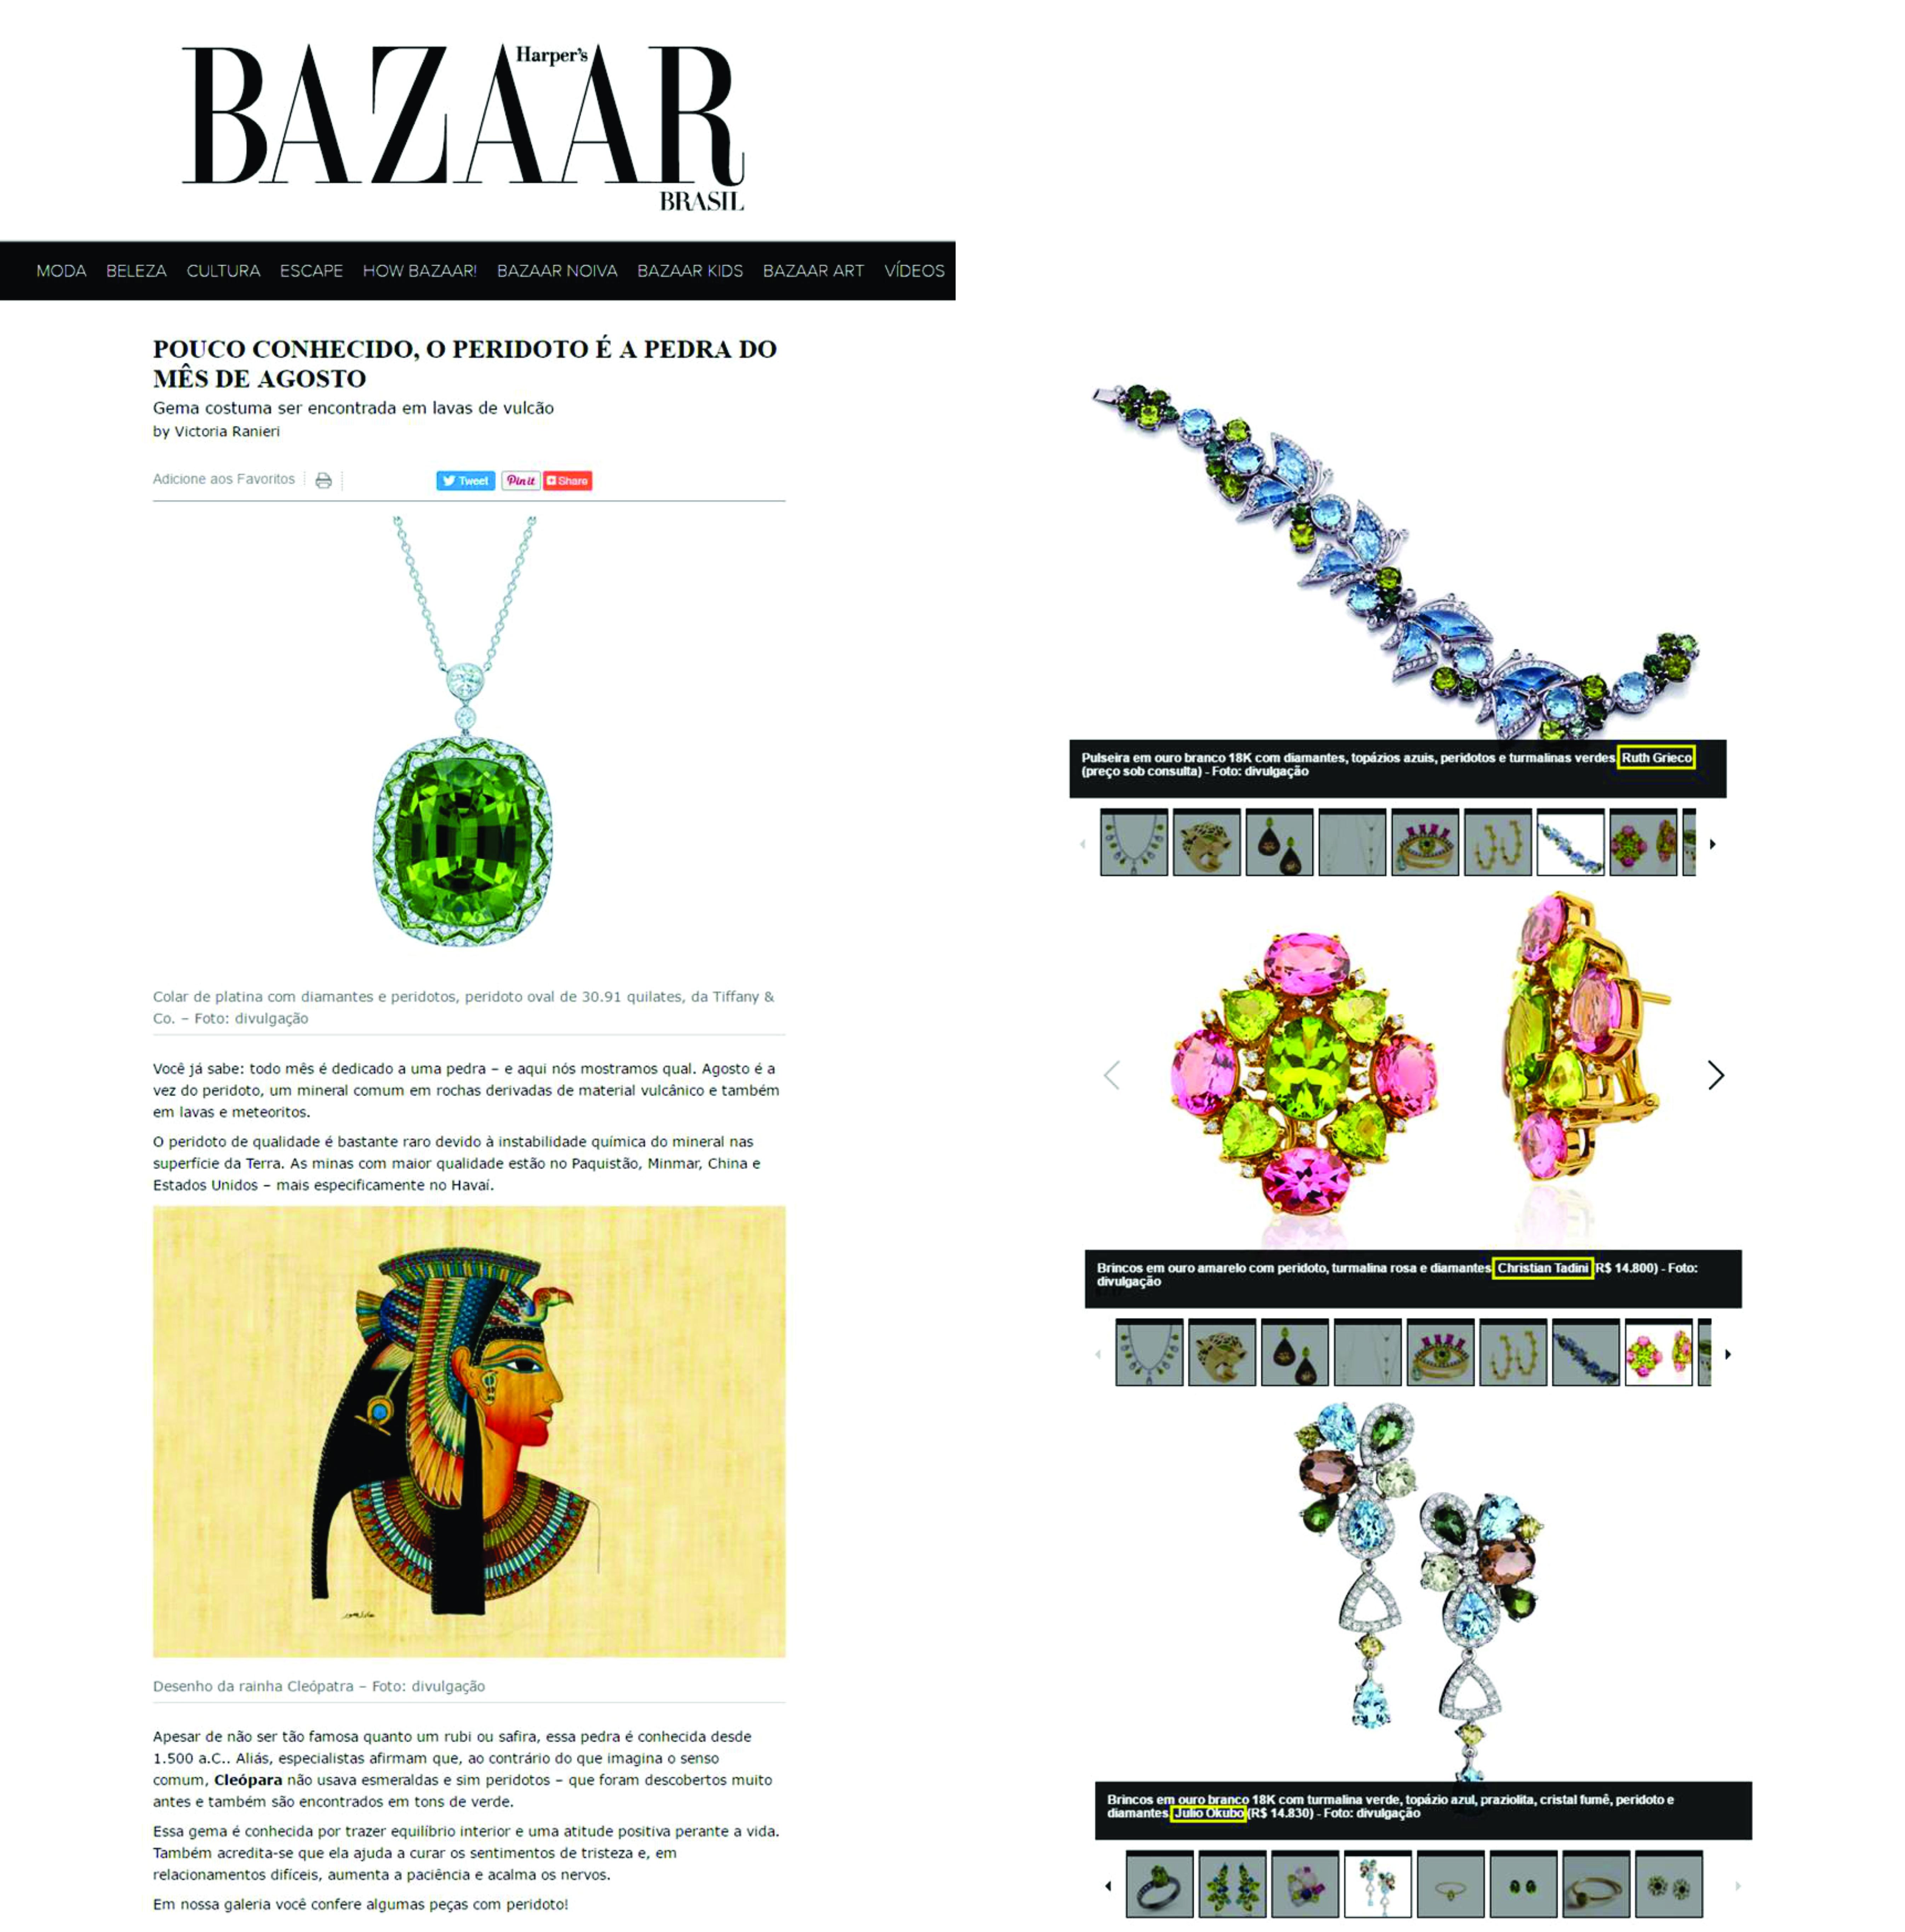 02/08/16 | Harper's Bazaar Online